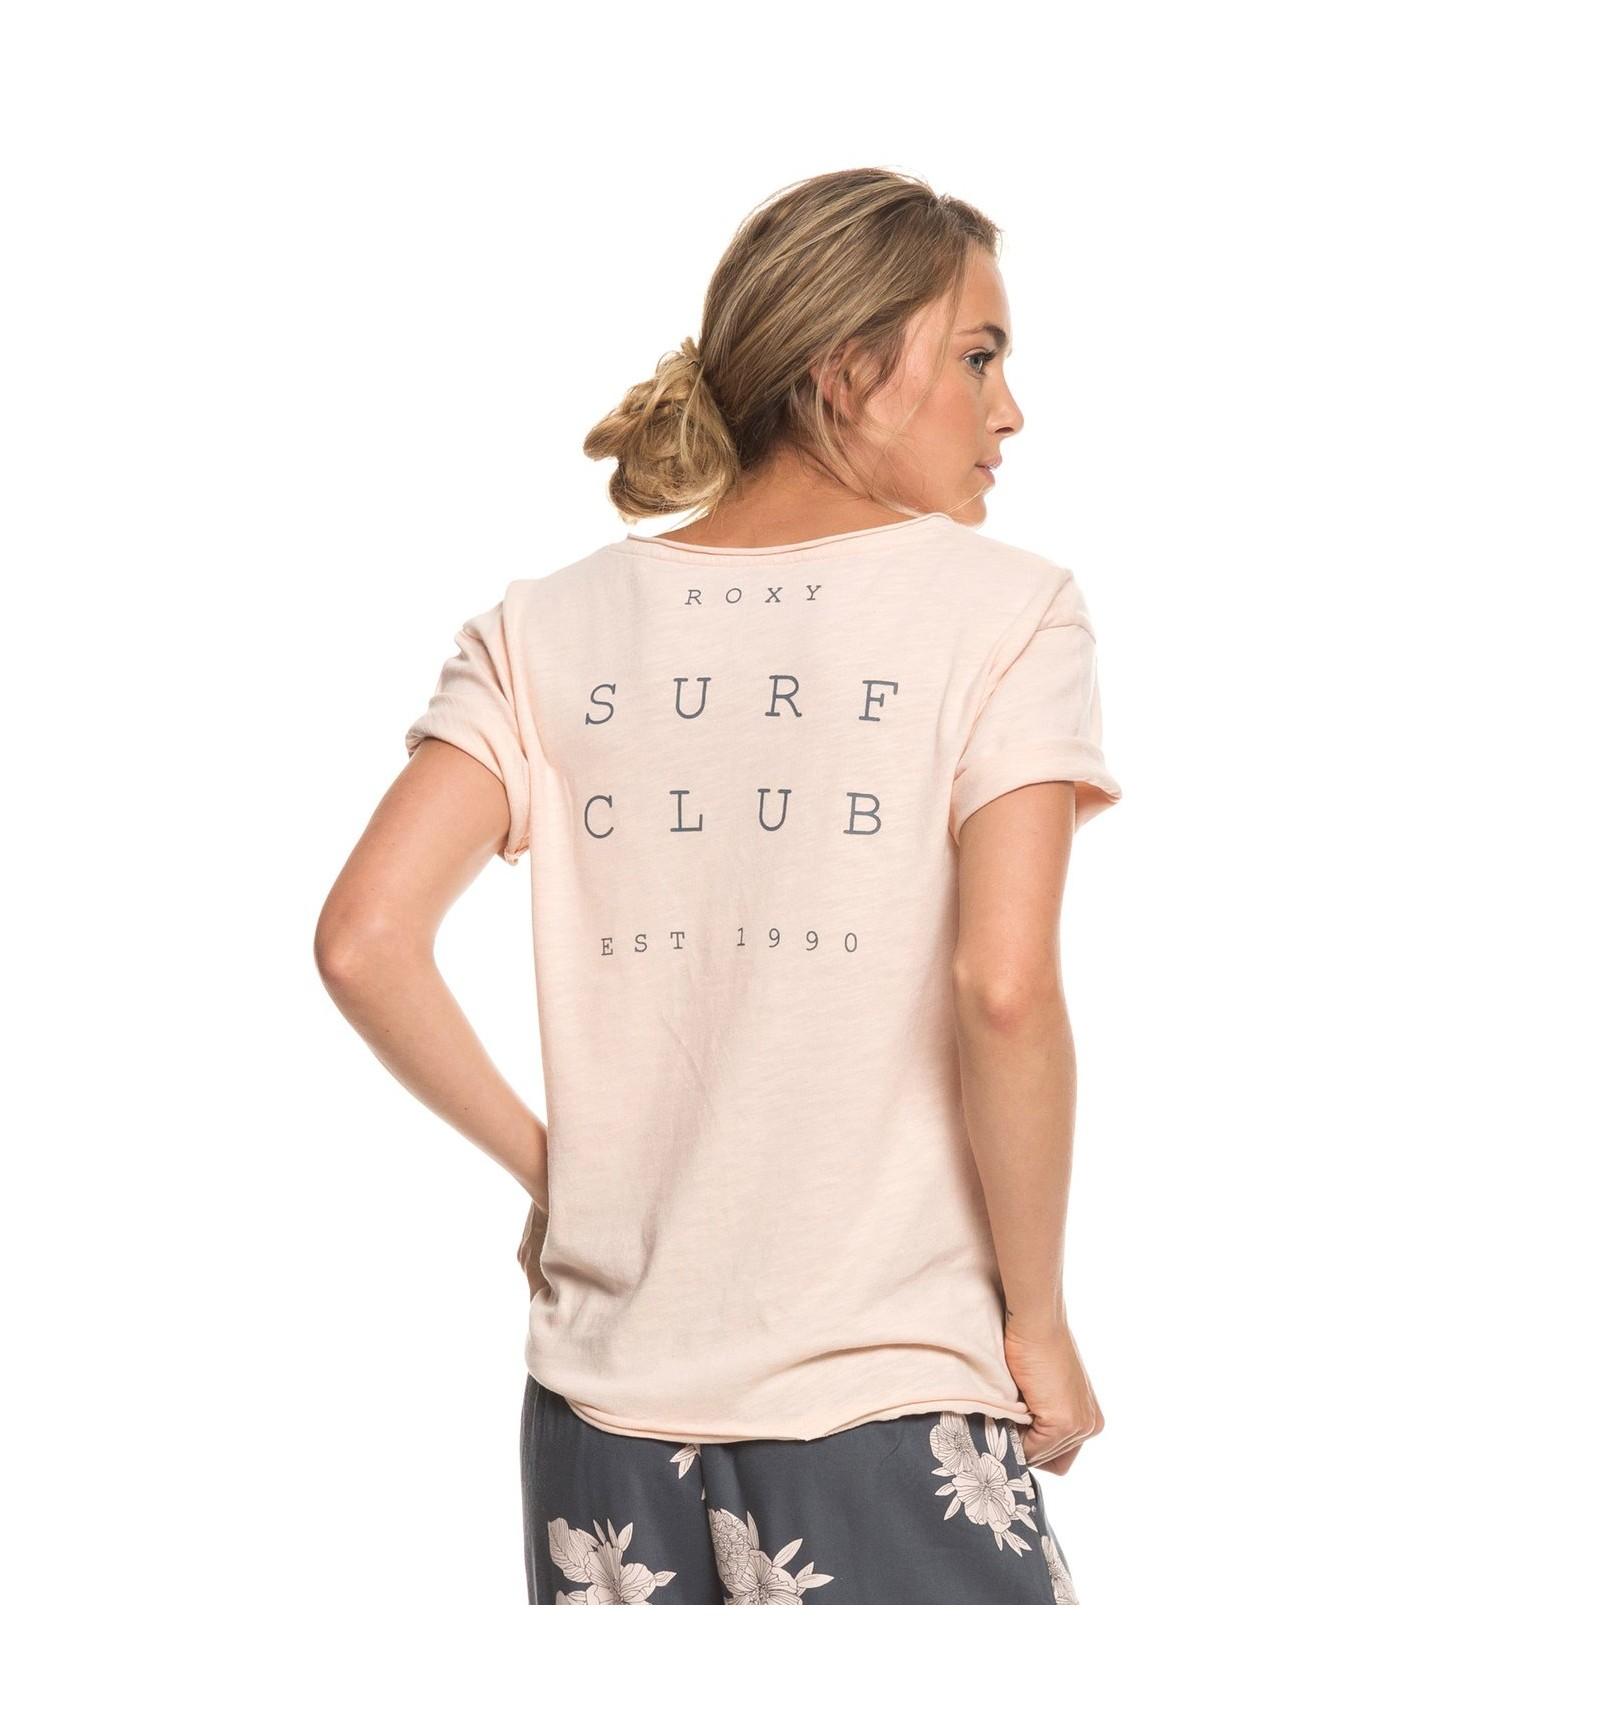 Mujer En Tienda Roxy Tu Deportes De Vicunasport Internet Camiseta qAL5S3jc4R